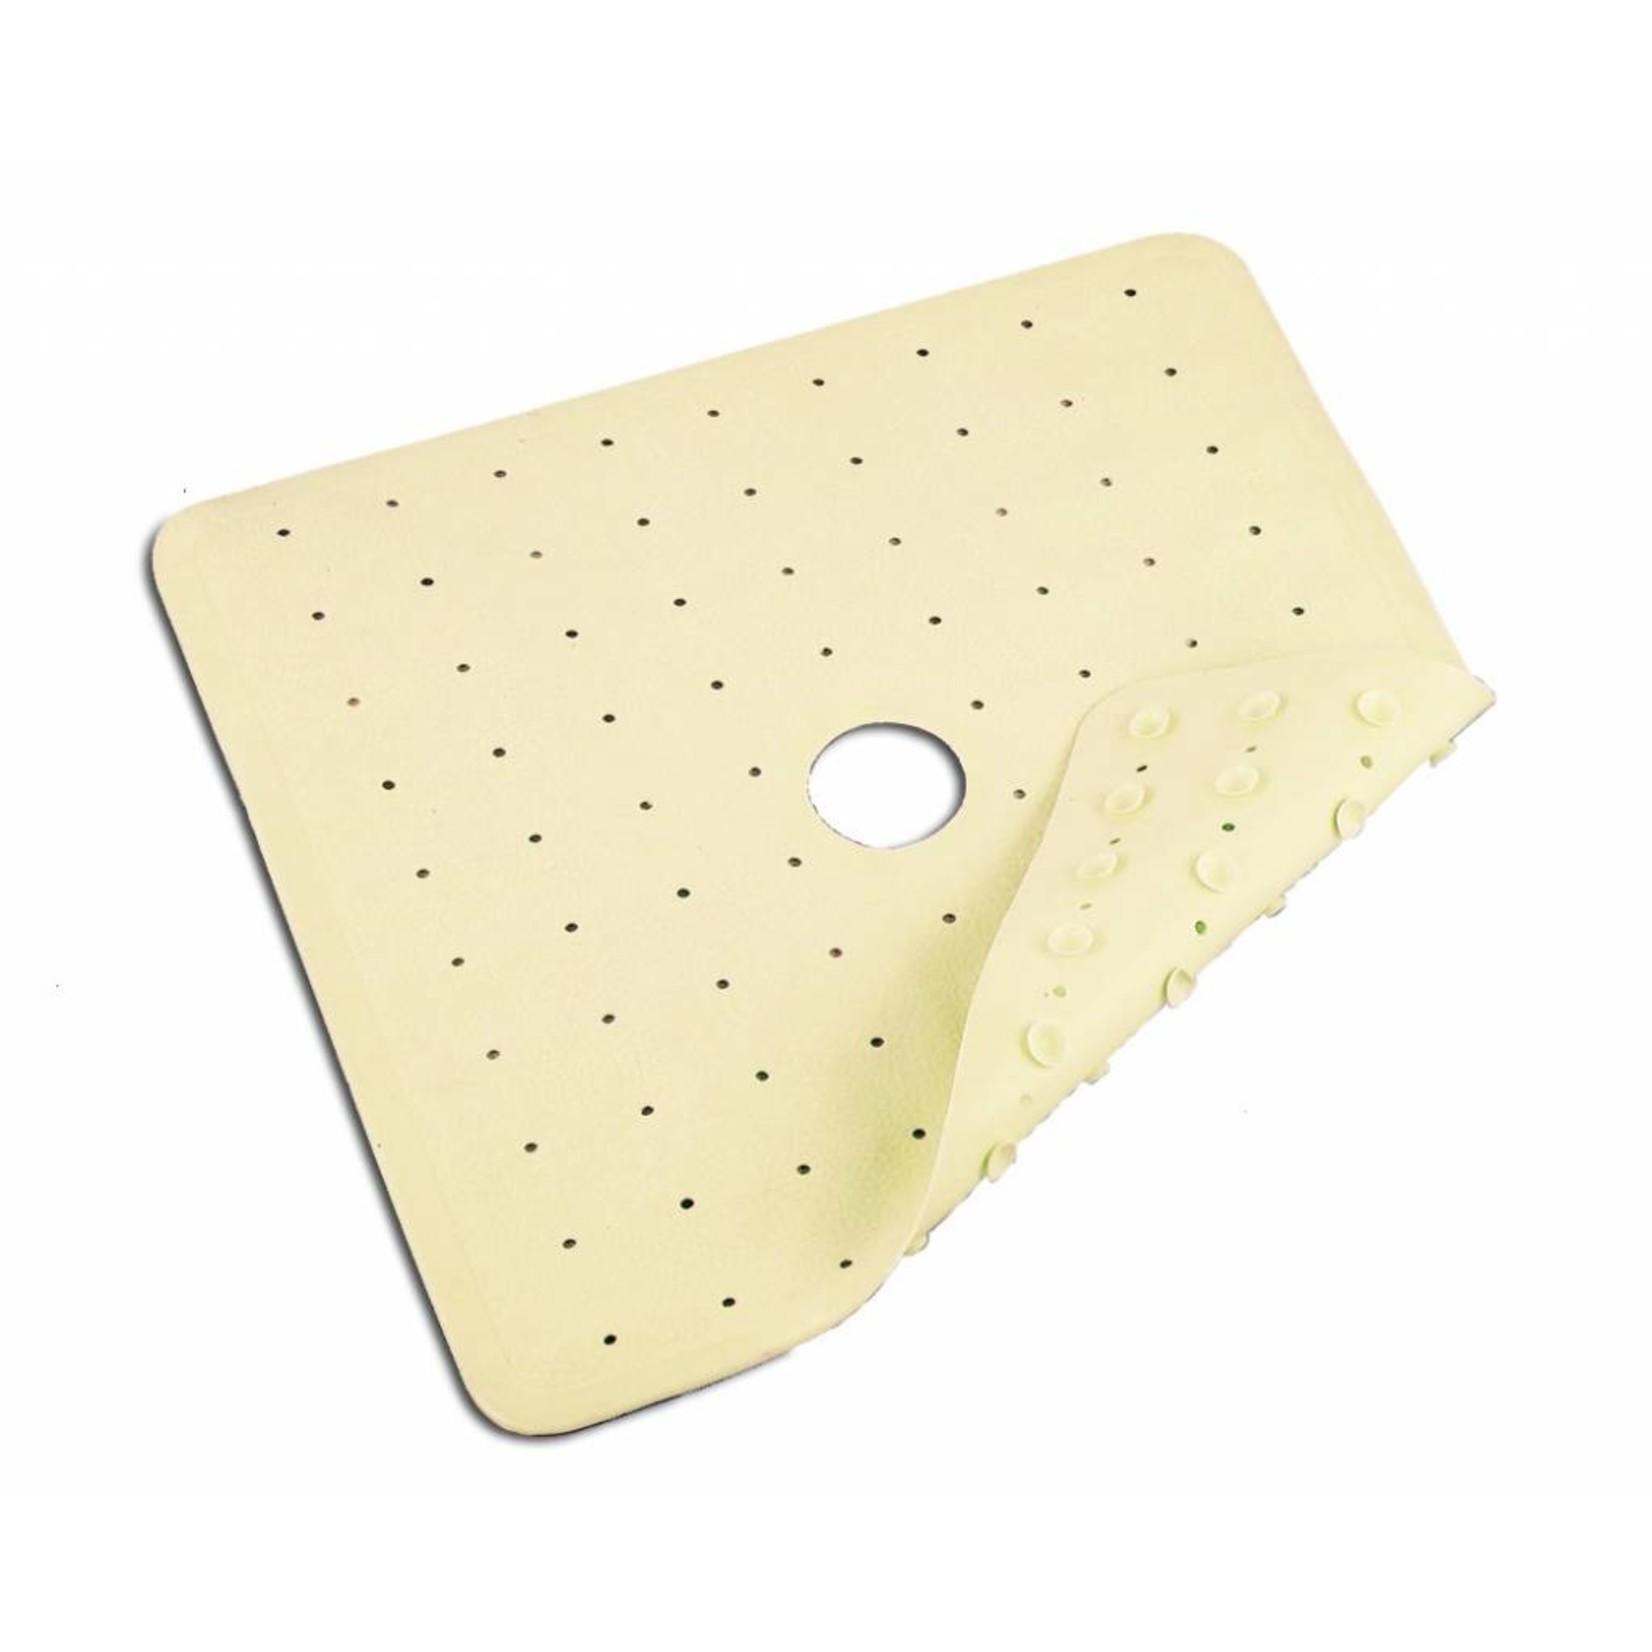 Essential Medical Bath Mat 20x20 Ctr Drain